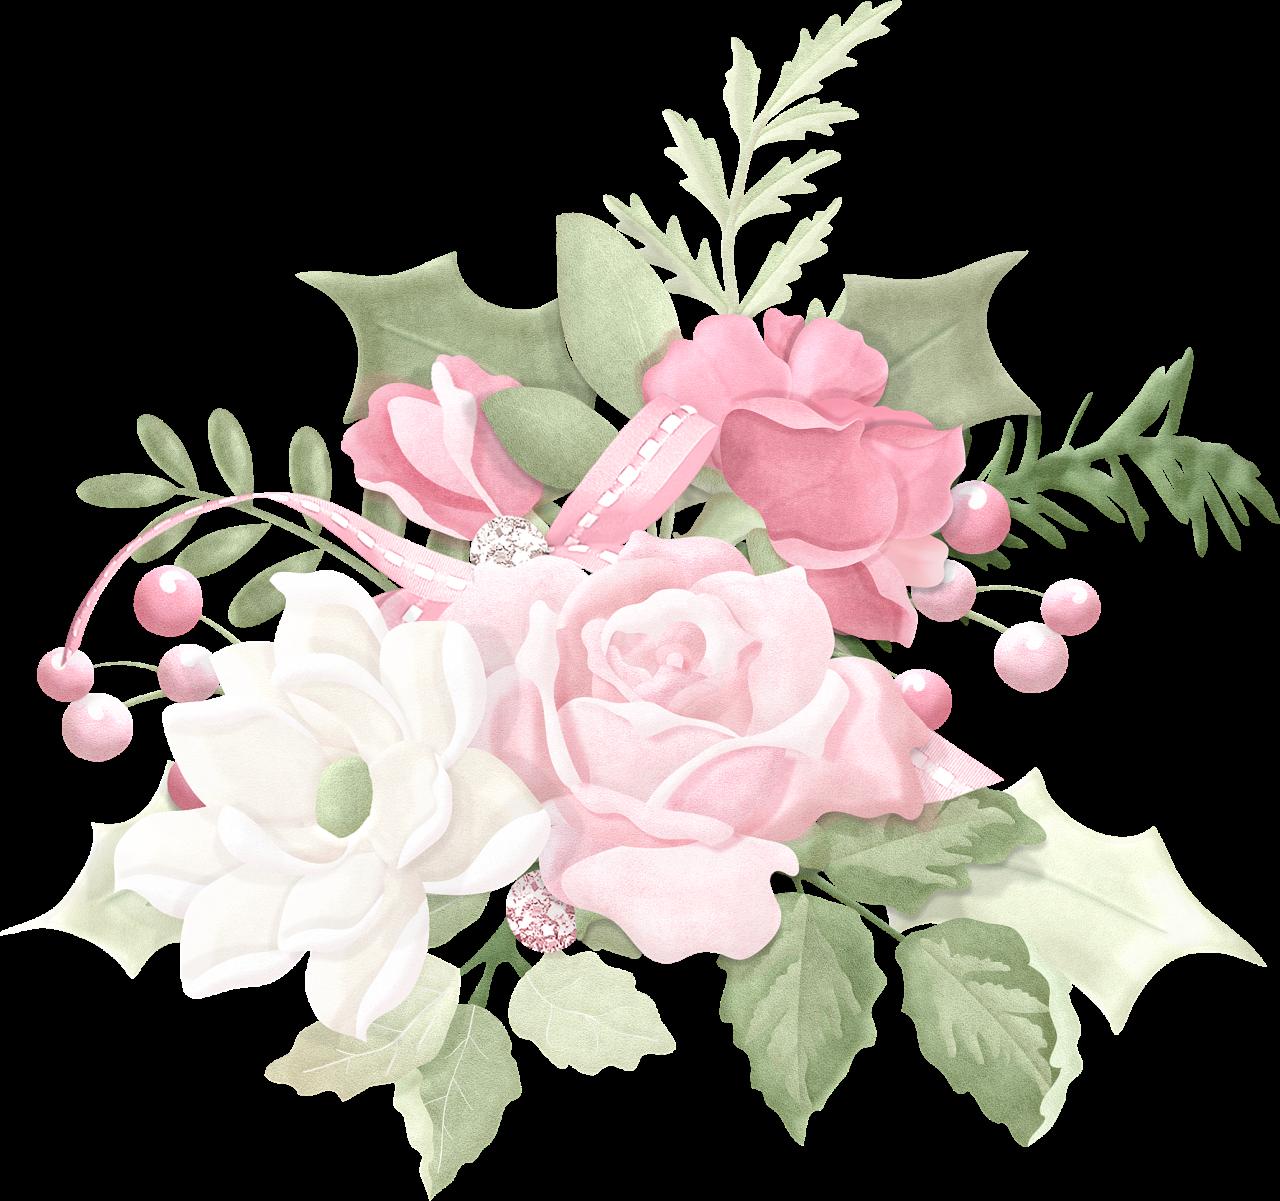 нежные цветы картинка пнг фото появится